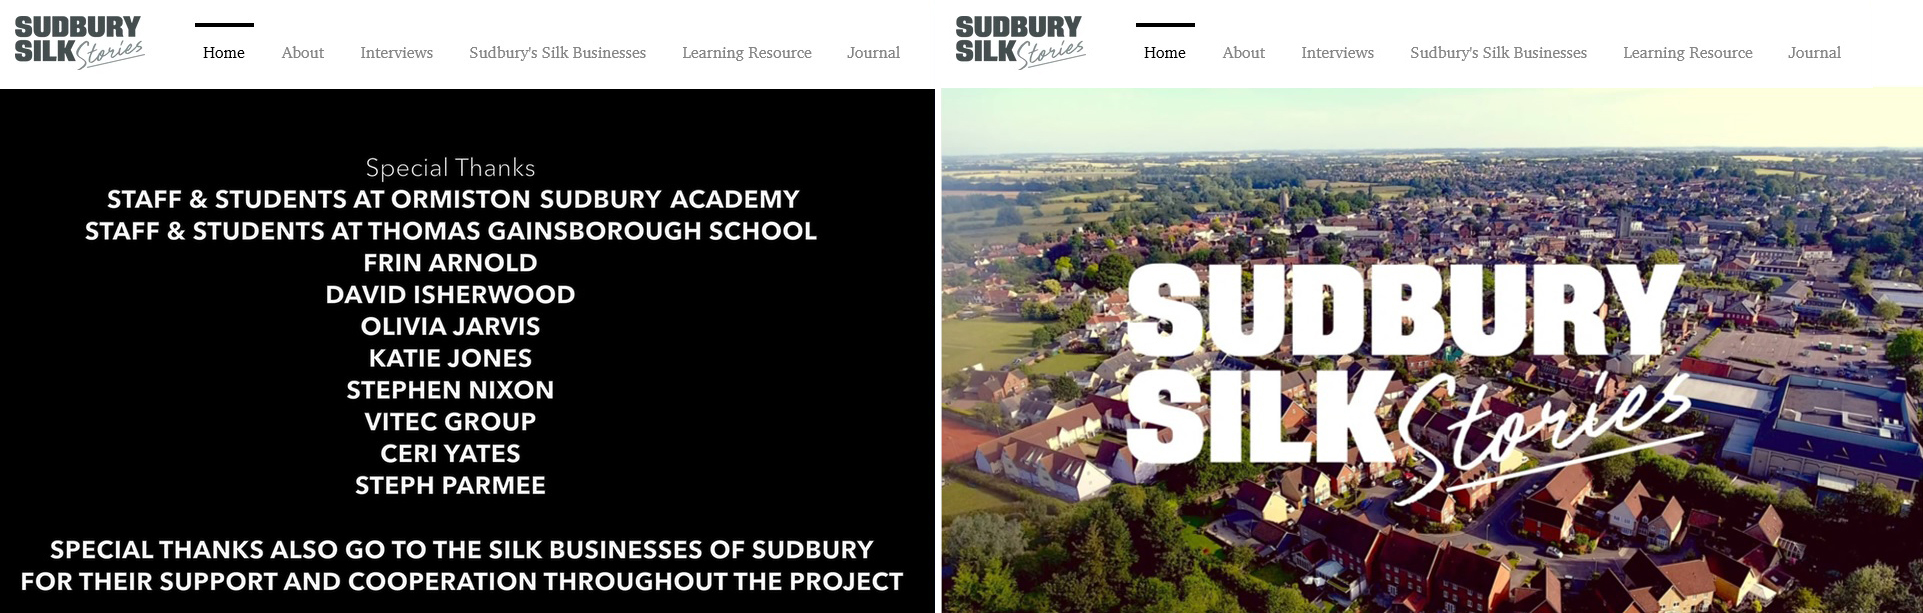 017 Sudbury Silk Stories